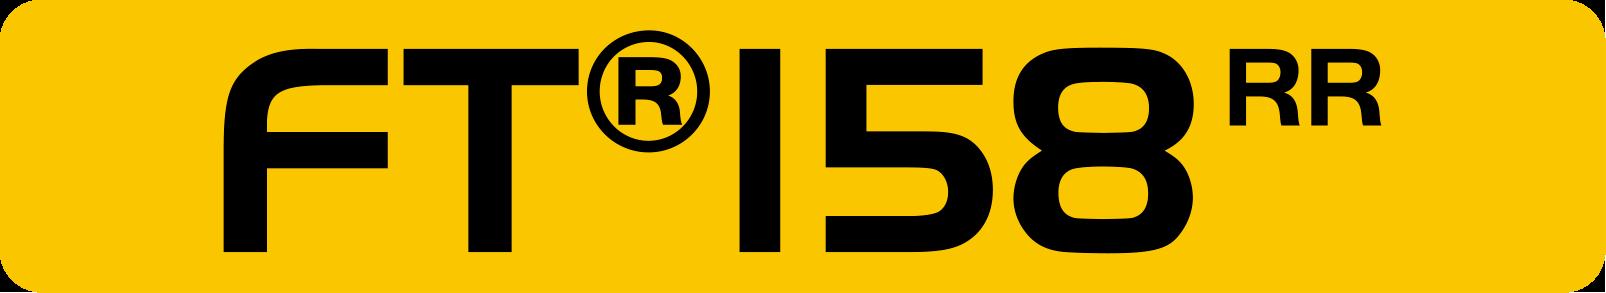 FTR 158 RR